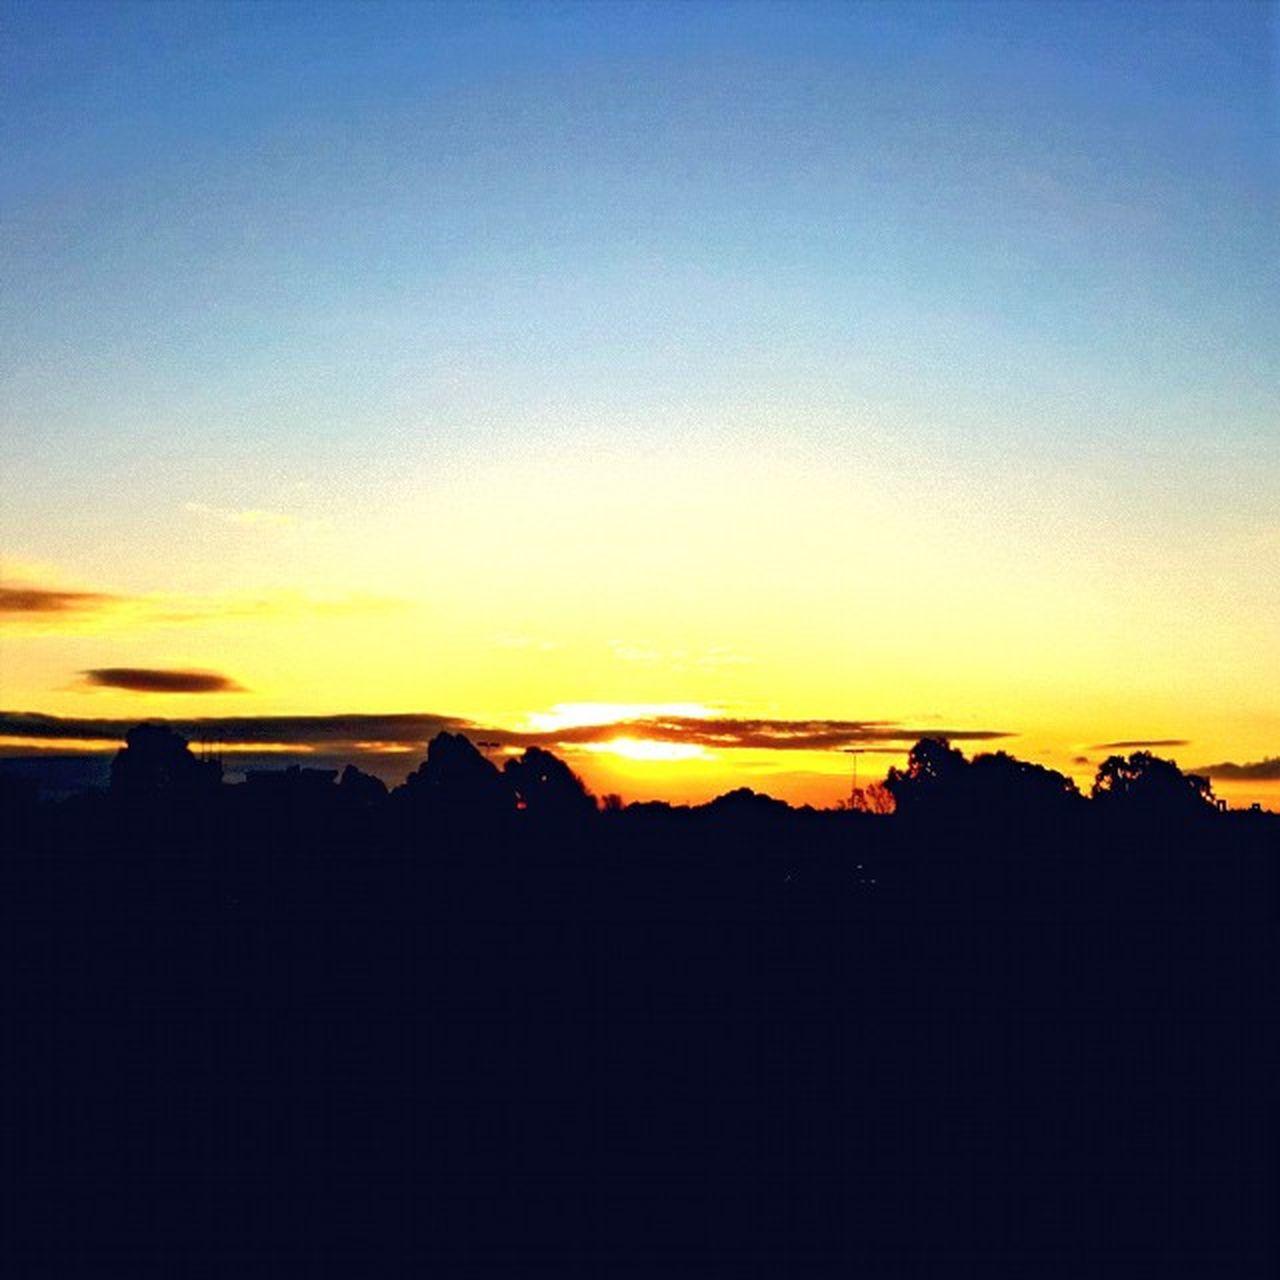 Lumia 930 Microsoft WP8 windows richcapture wp8au winphan sunset 🌇